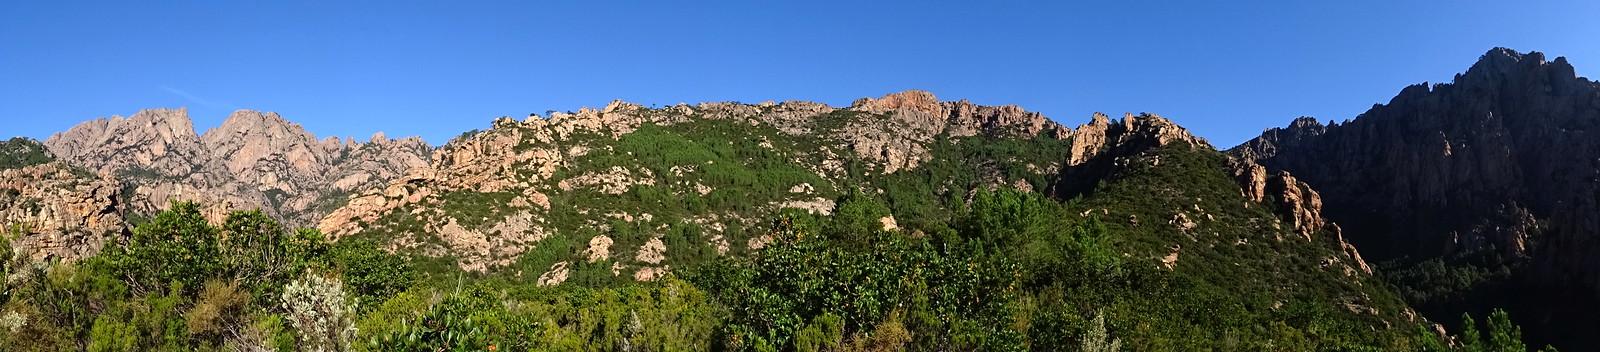 Arrivée au plateau 550m : panoramique